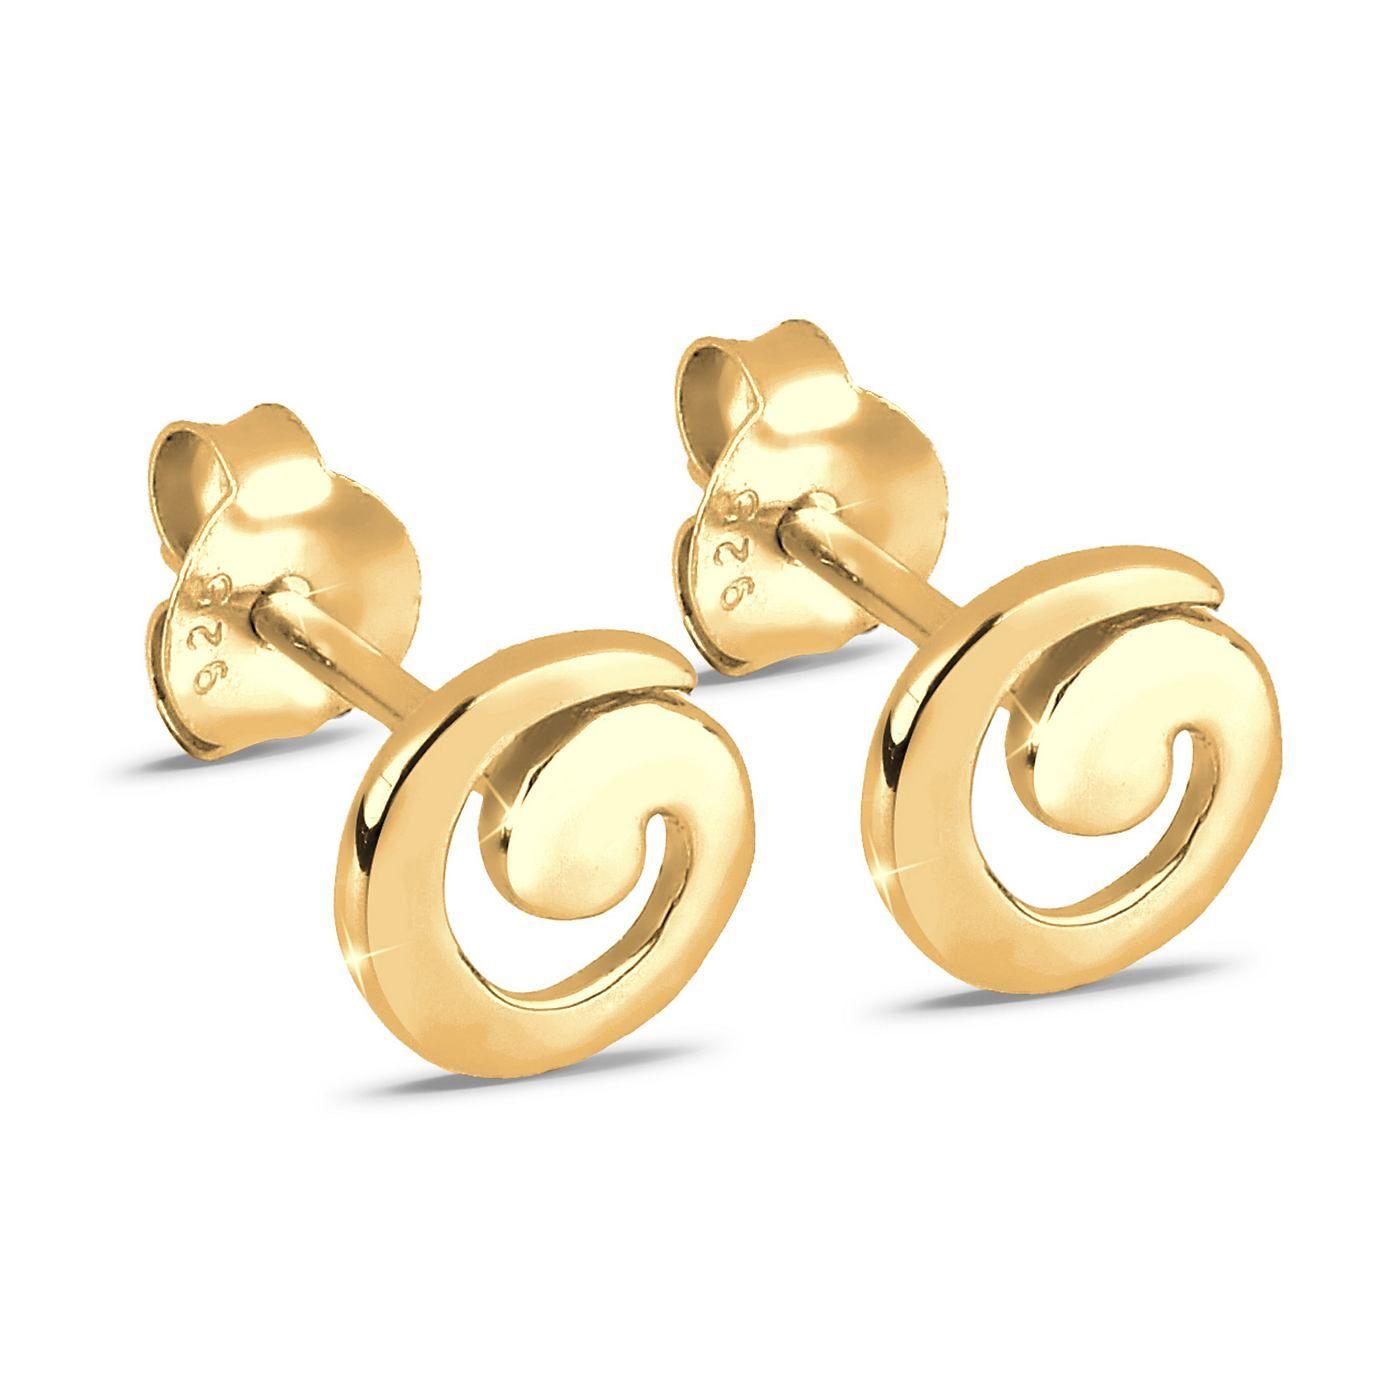 Ohrstecker aus 925er Sterlingsilber, vergoldet, Spiralenform, Durchmesser ca. 7 mm.  Produktdetails: Gewicht: 1,0g, Durchmesser: 8mm, Optik: glänzend,  ...